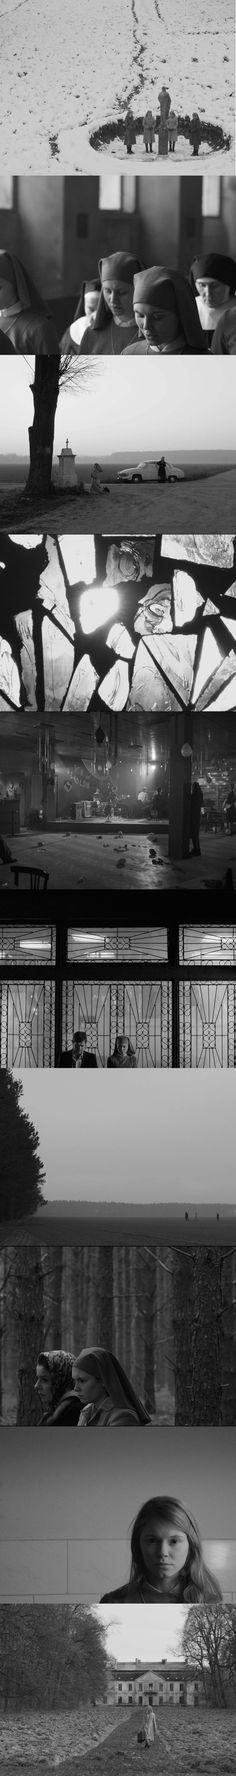 'Ida' (Pawel Pawlikowski, 2013) Cinematography by Łukasz Żal, Ryszard Lenczewski